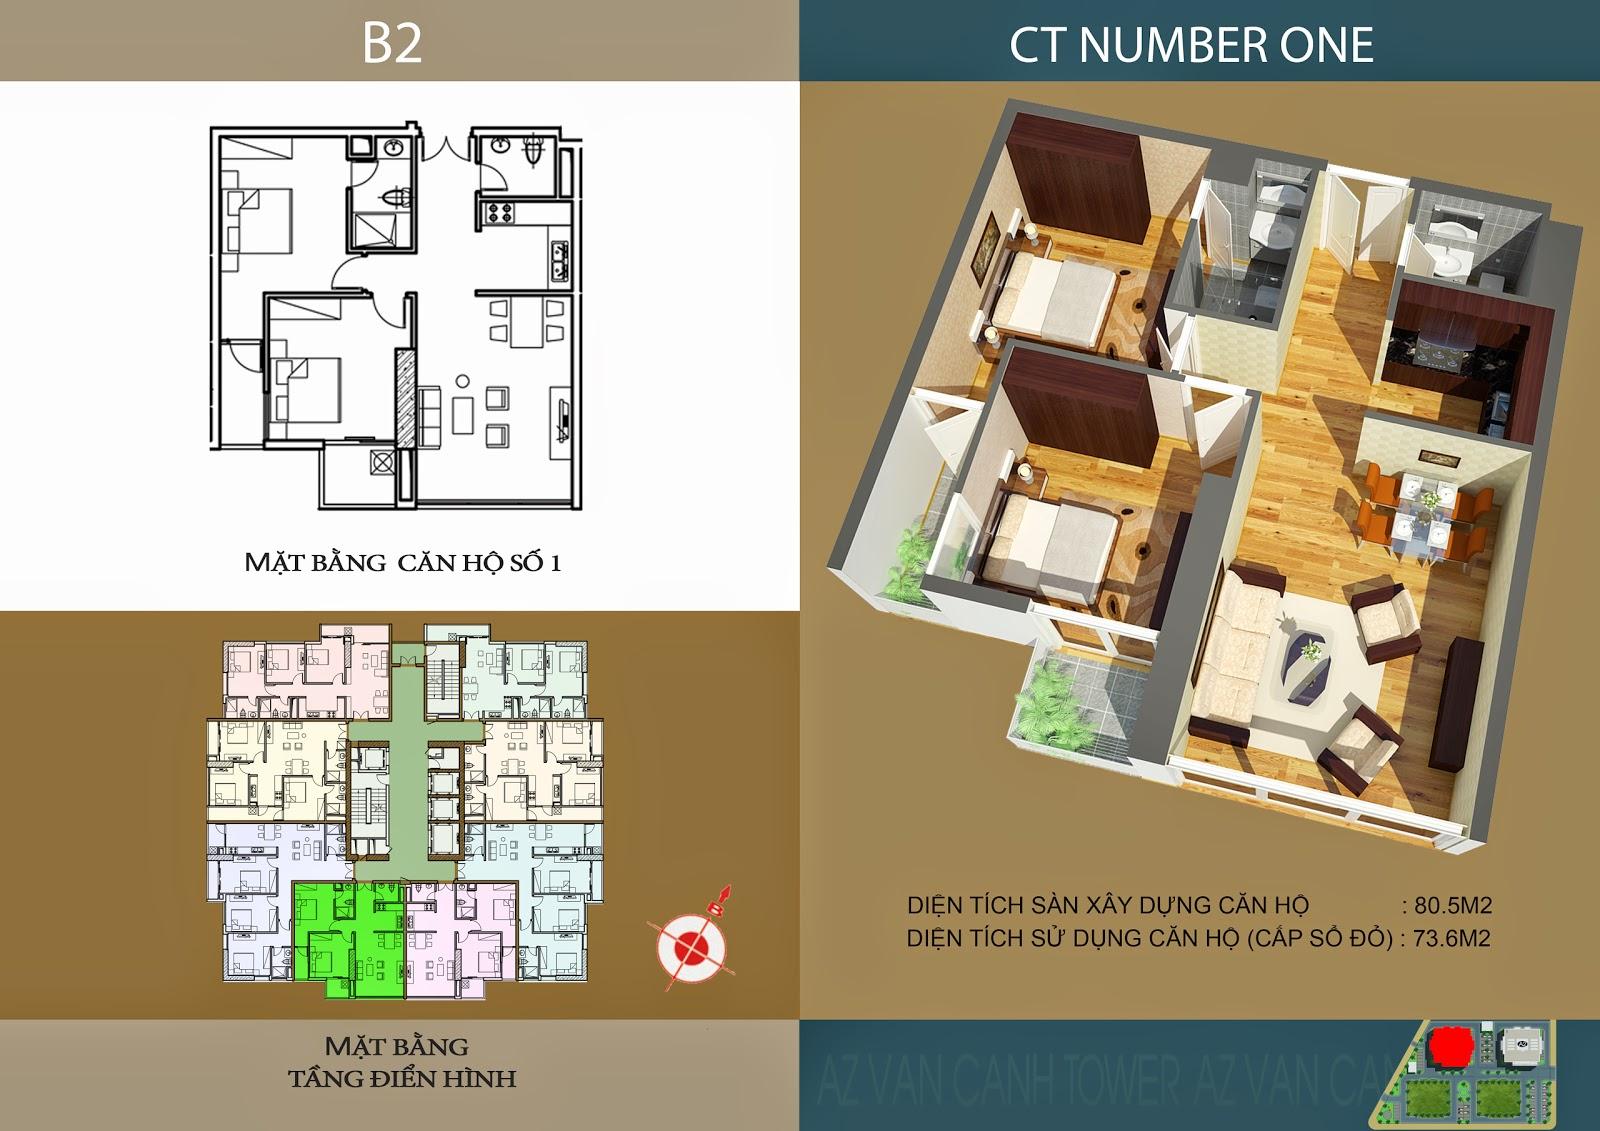 Căn số 1 - Diện tích 80.5m2 tại tòa B2 Chung cư CT Number One